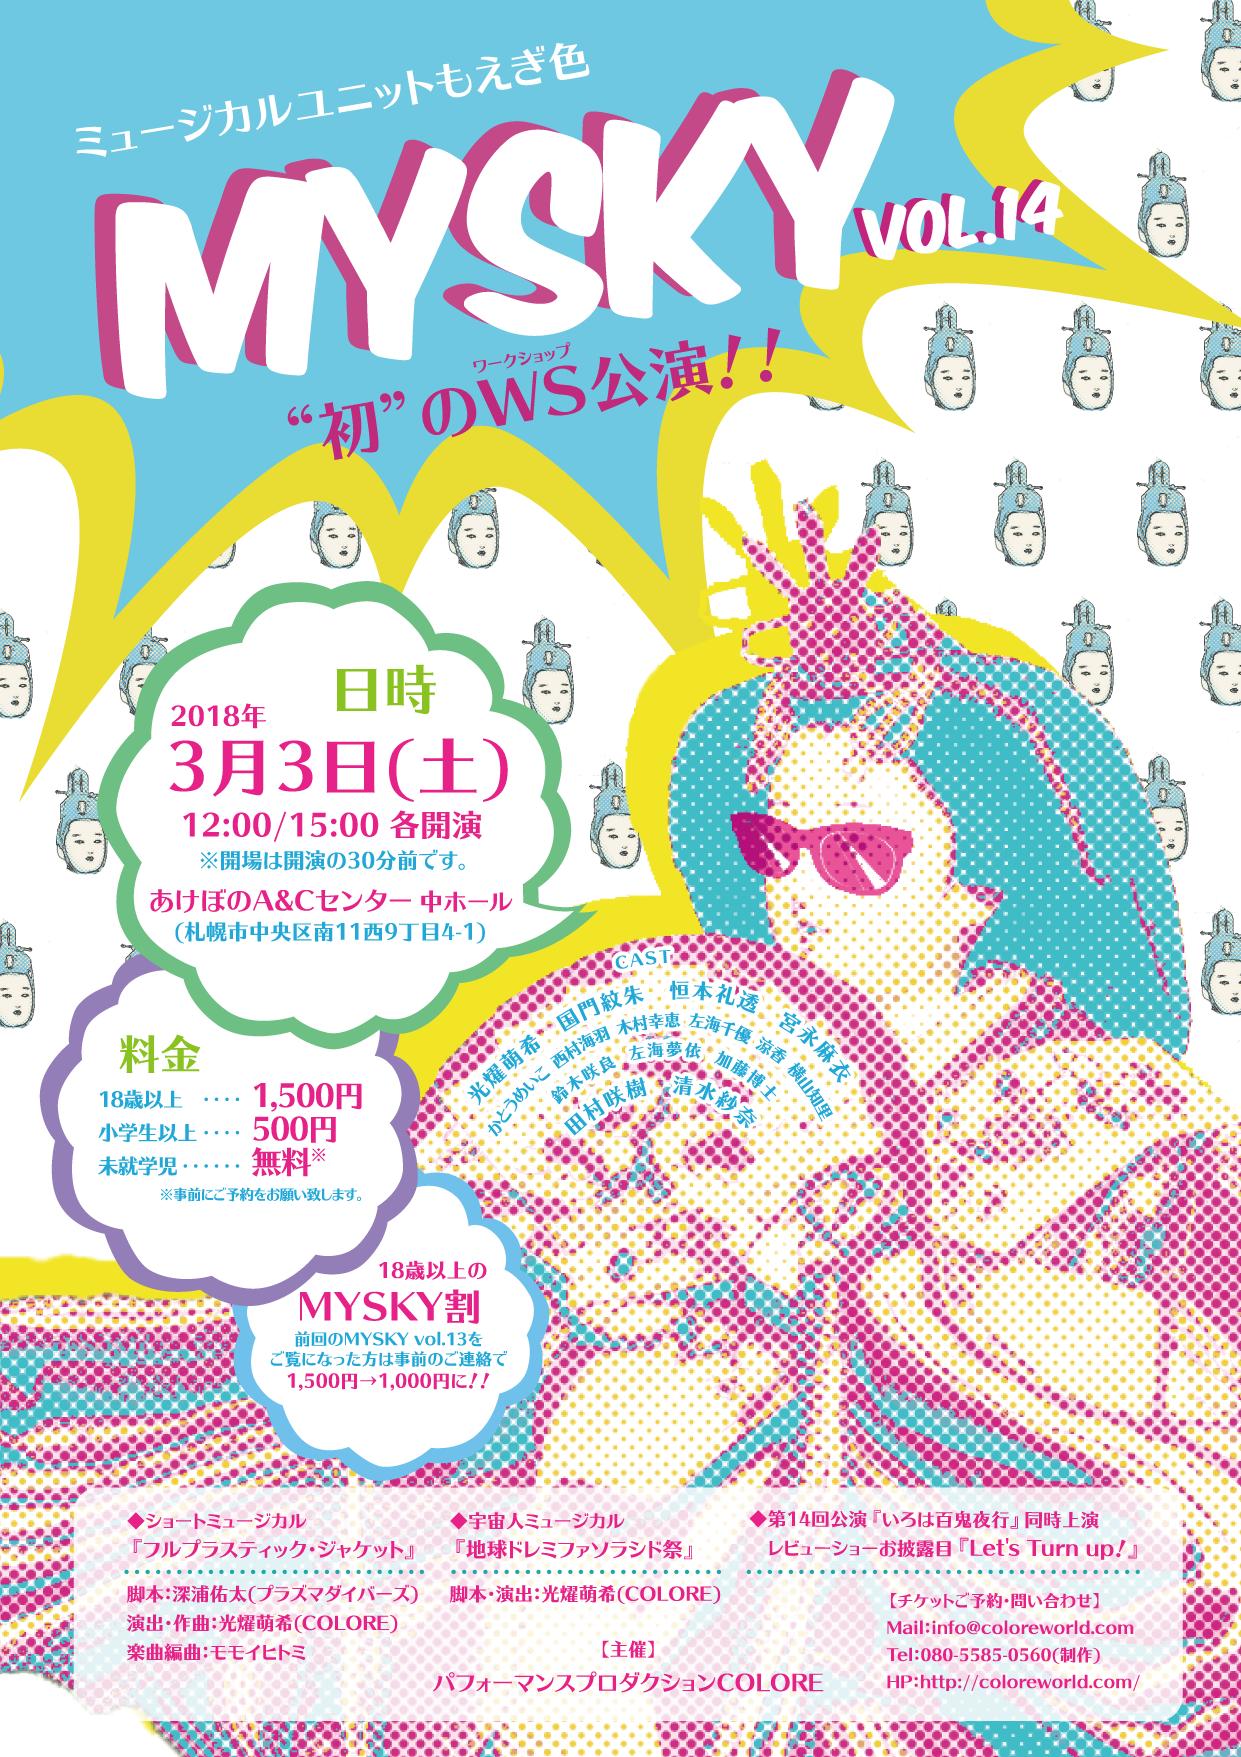 MYSKYvol.14